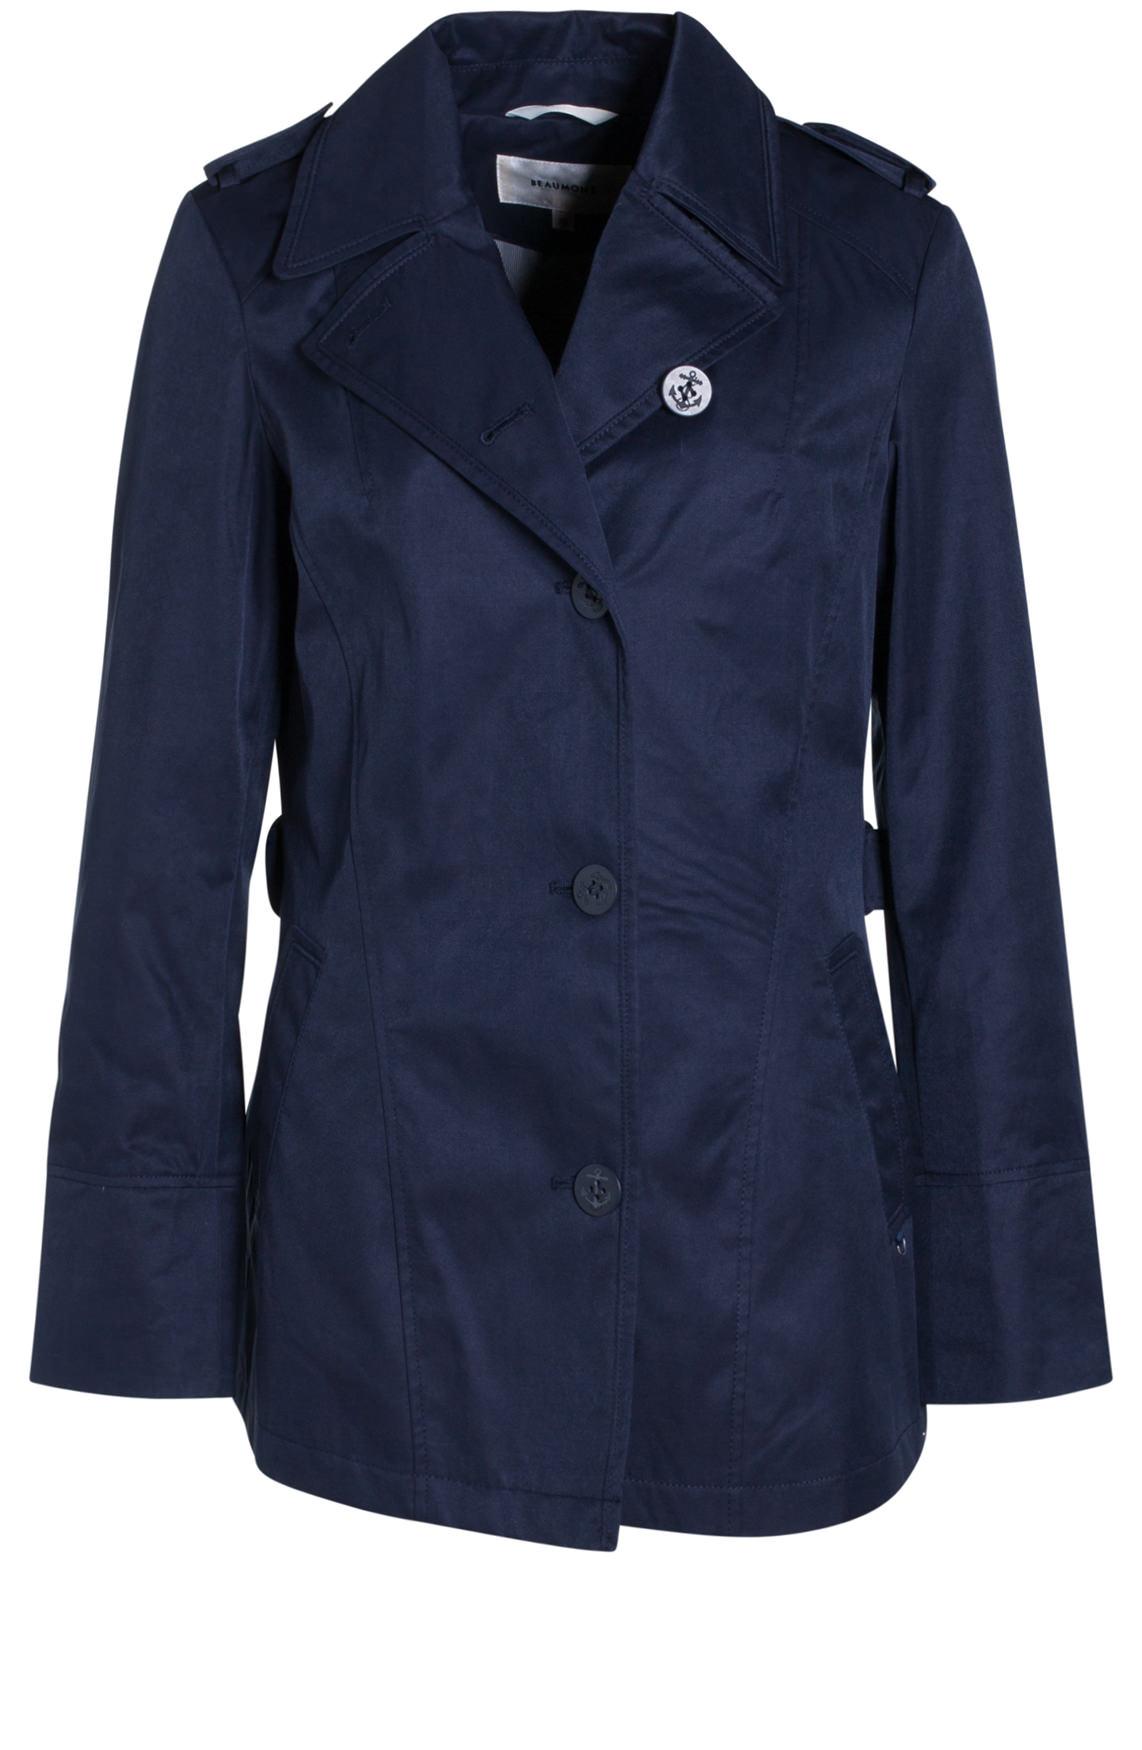 Beaumont Dames Korte jas blauw Blauw